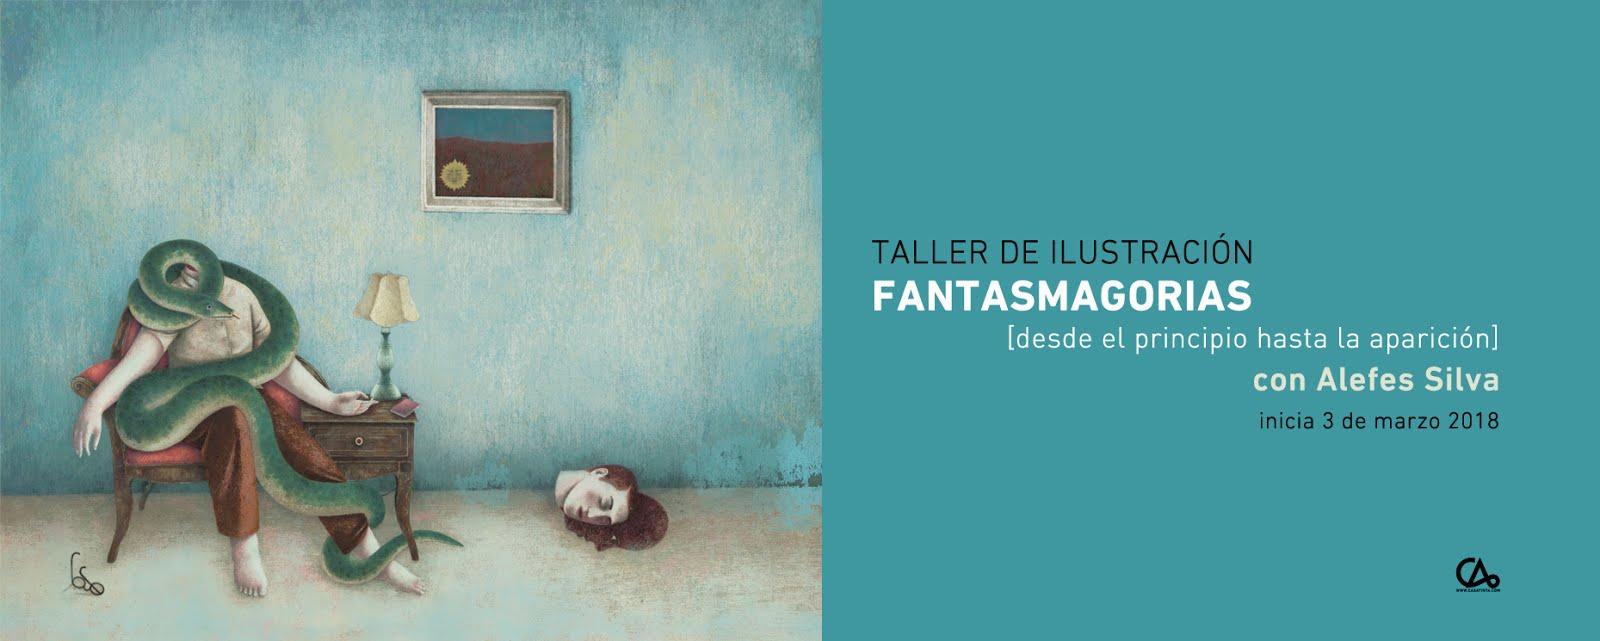 Taller de ilustración: FANTASMAGORIAS